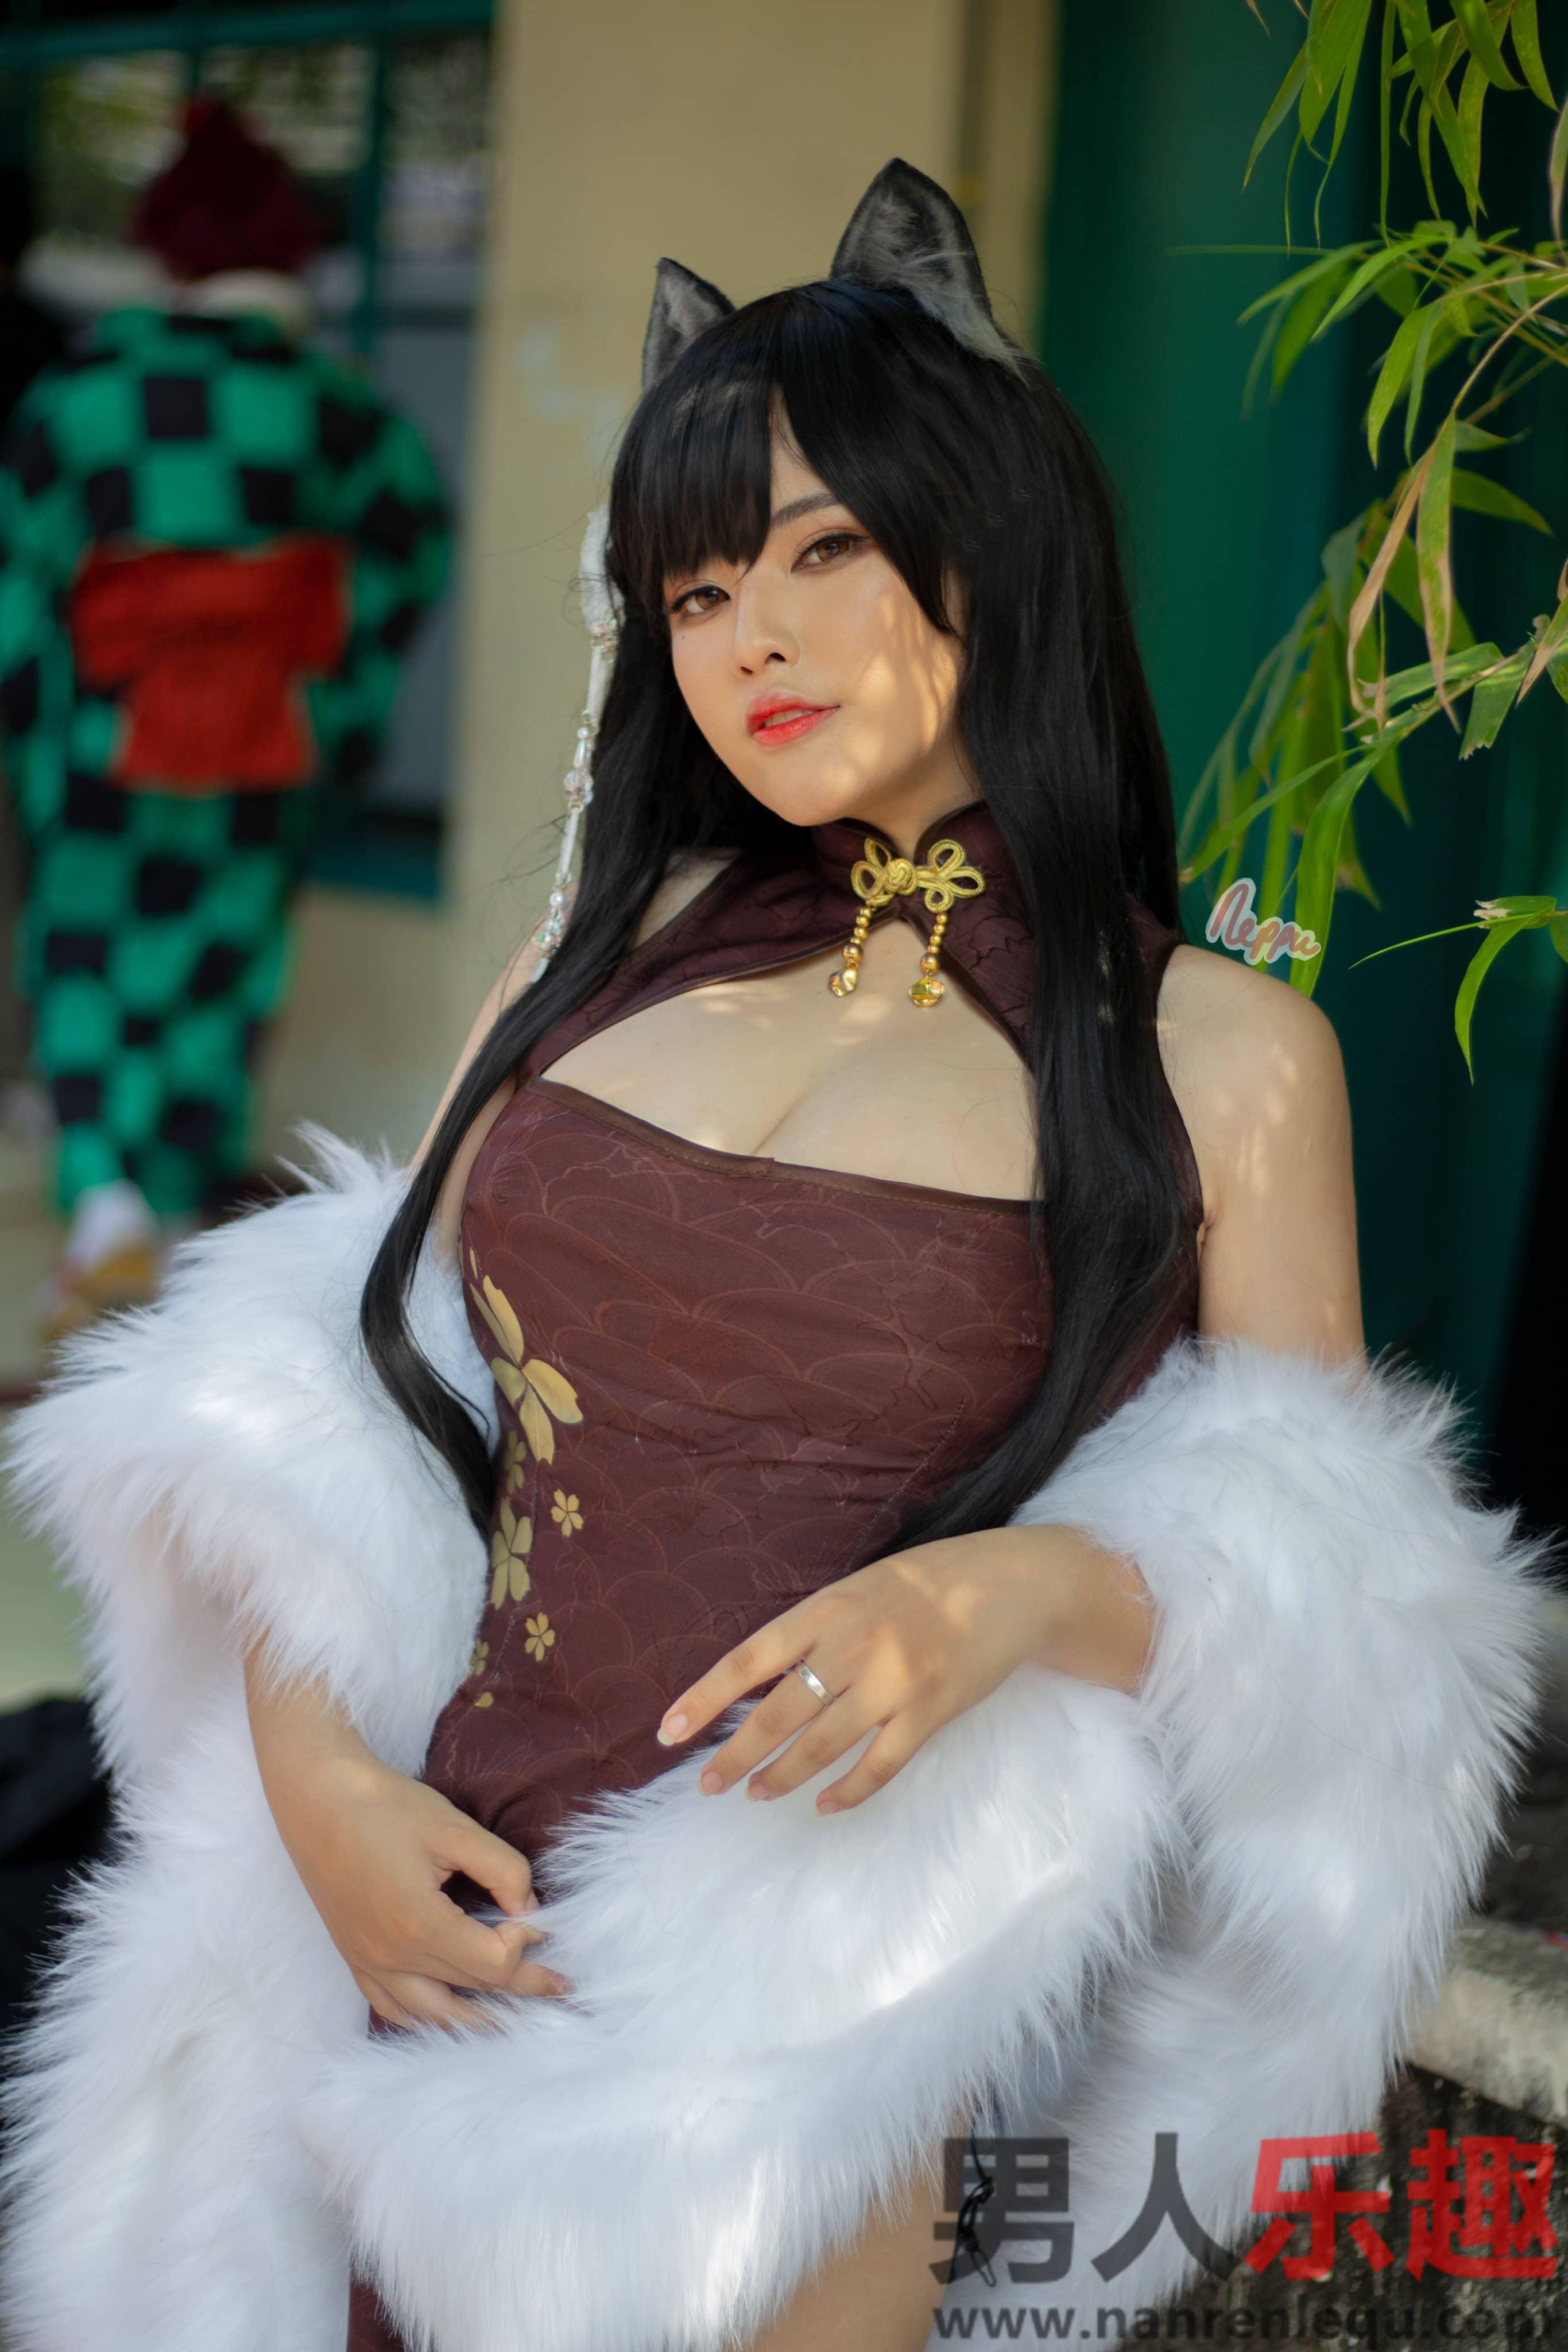 越南妹《Nguyễn Tiên》来势「胸胸」乳量即可拚胜负